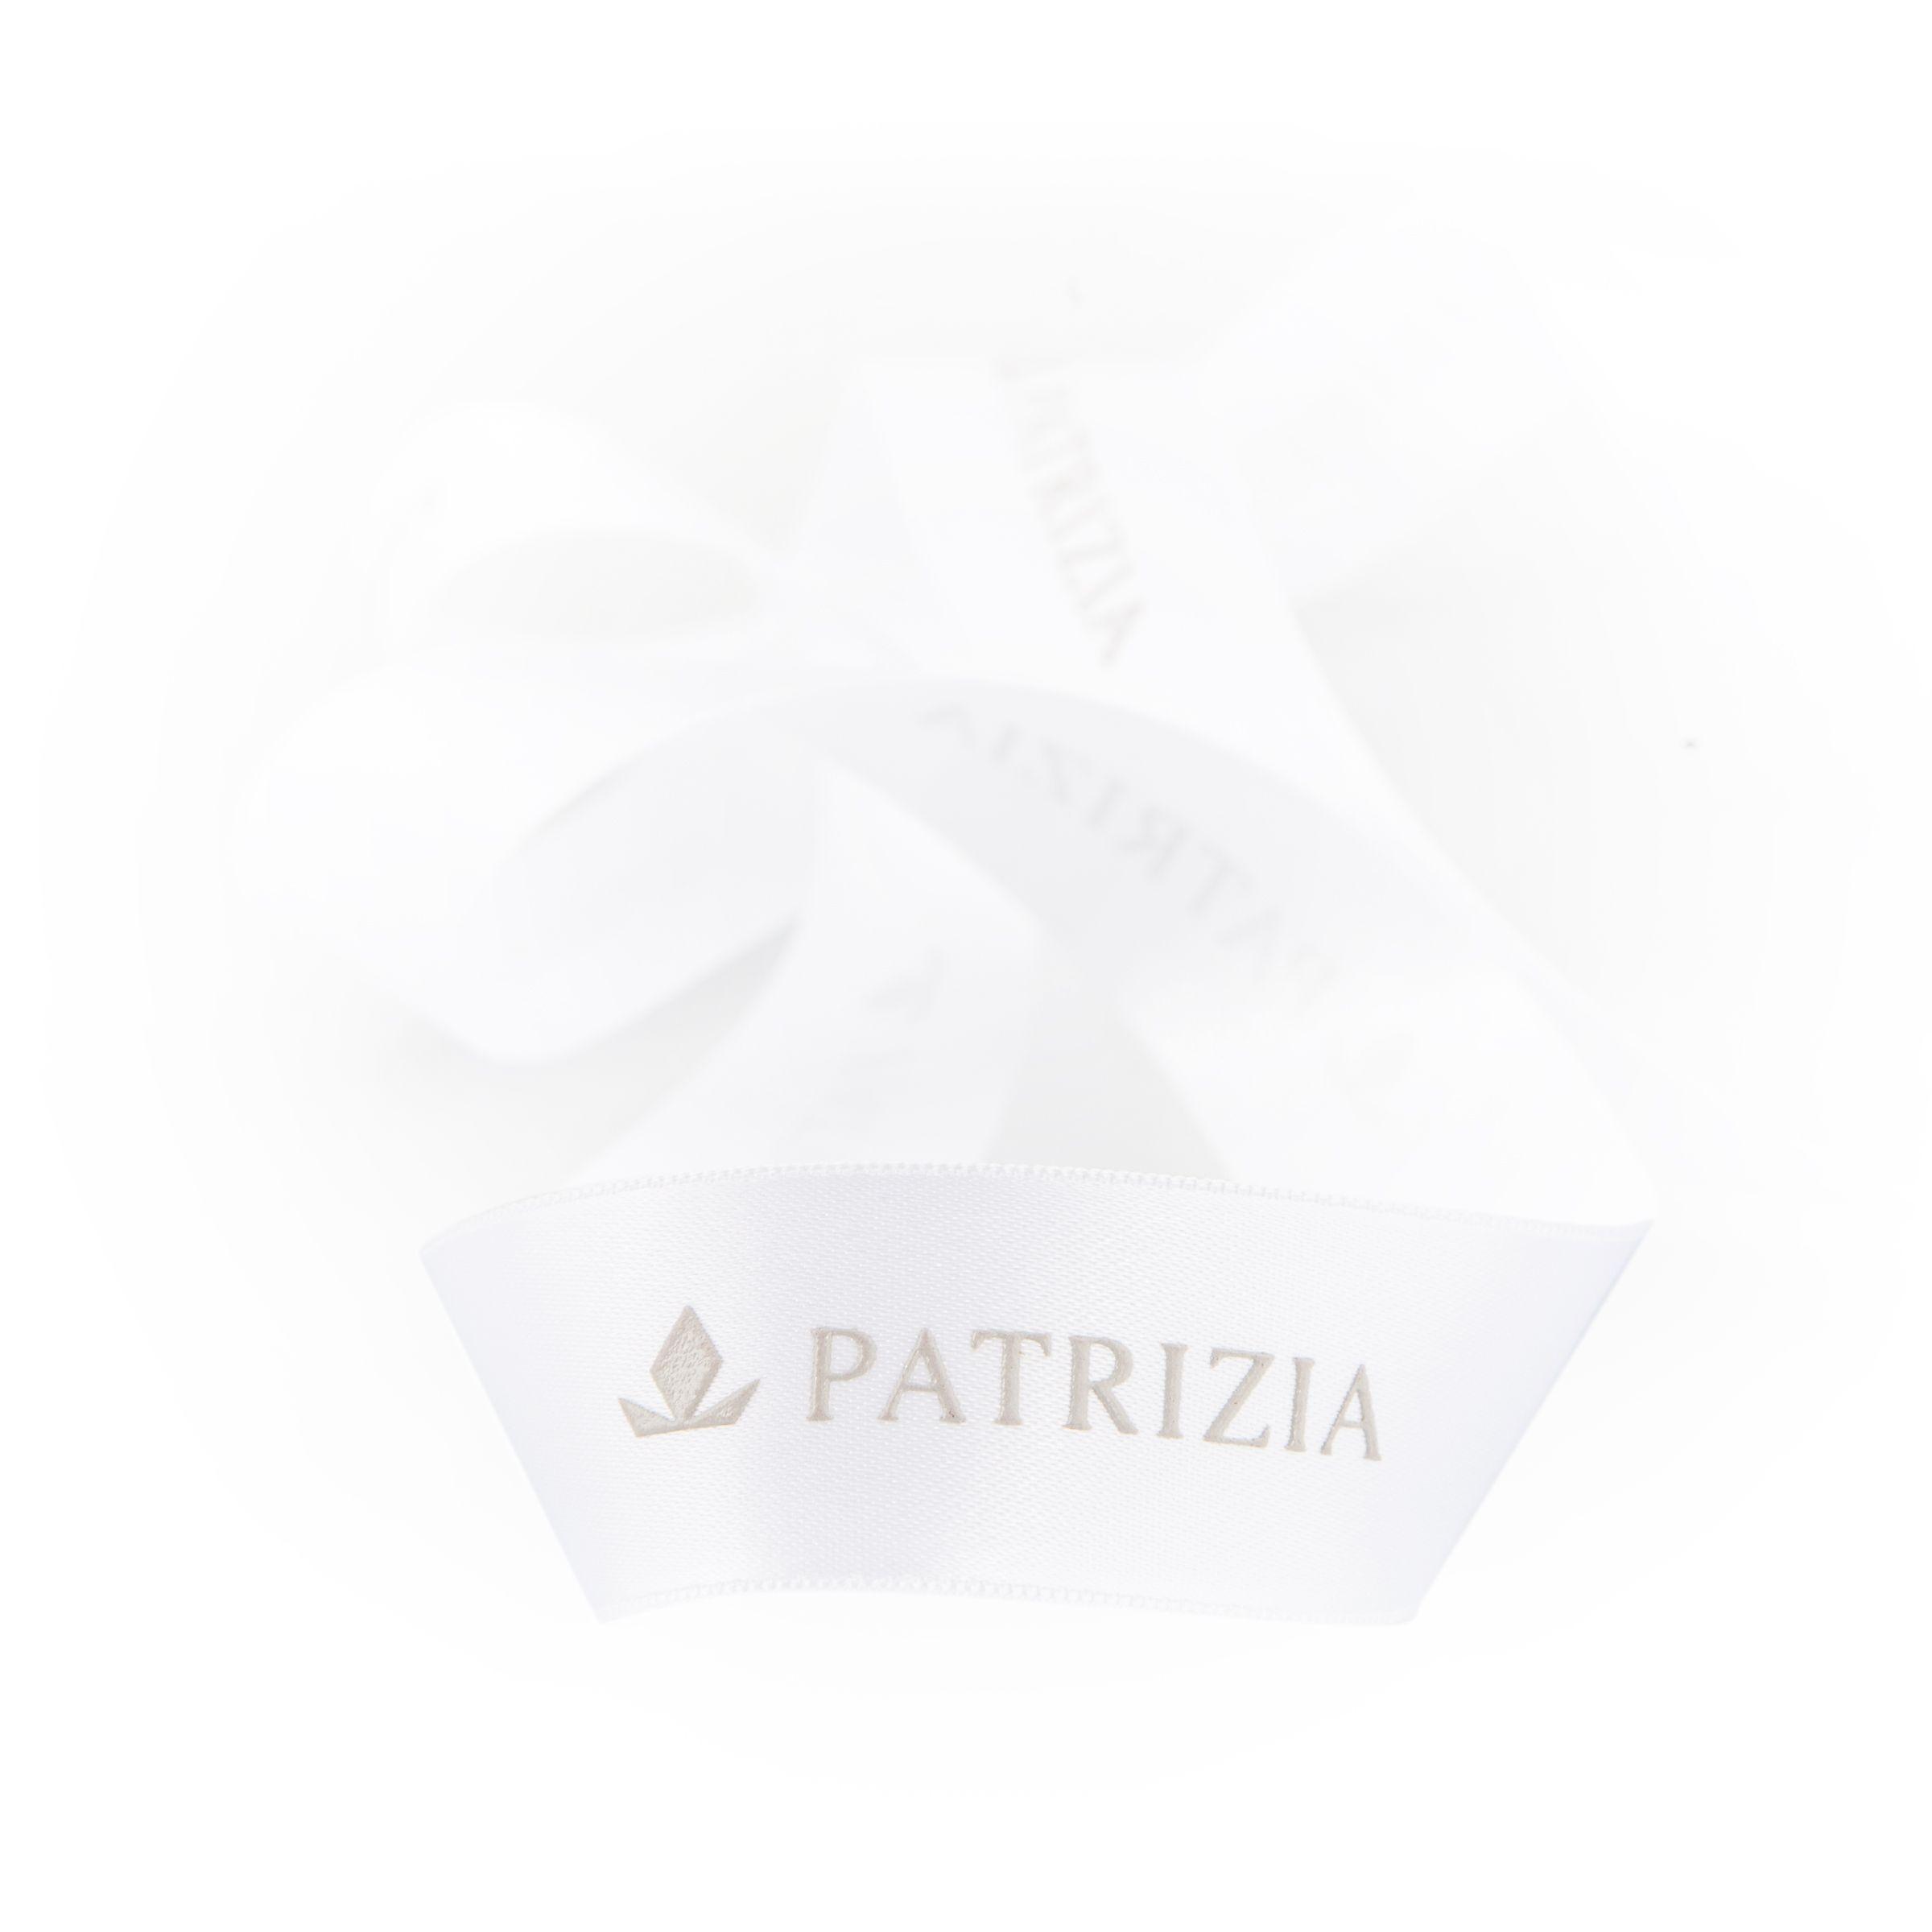 PATRIZIA Immobilien Geschenkbänder für besondere Kundenpräsente #image #schleifenband #satinband #banddruck #logoband #bandweberei #ribbons #imageribbons #satinribbons #namensbaender #geschenkband #packaging #createam #freiburg